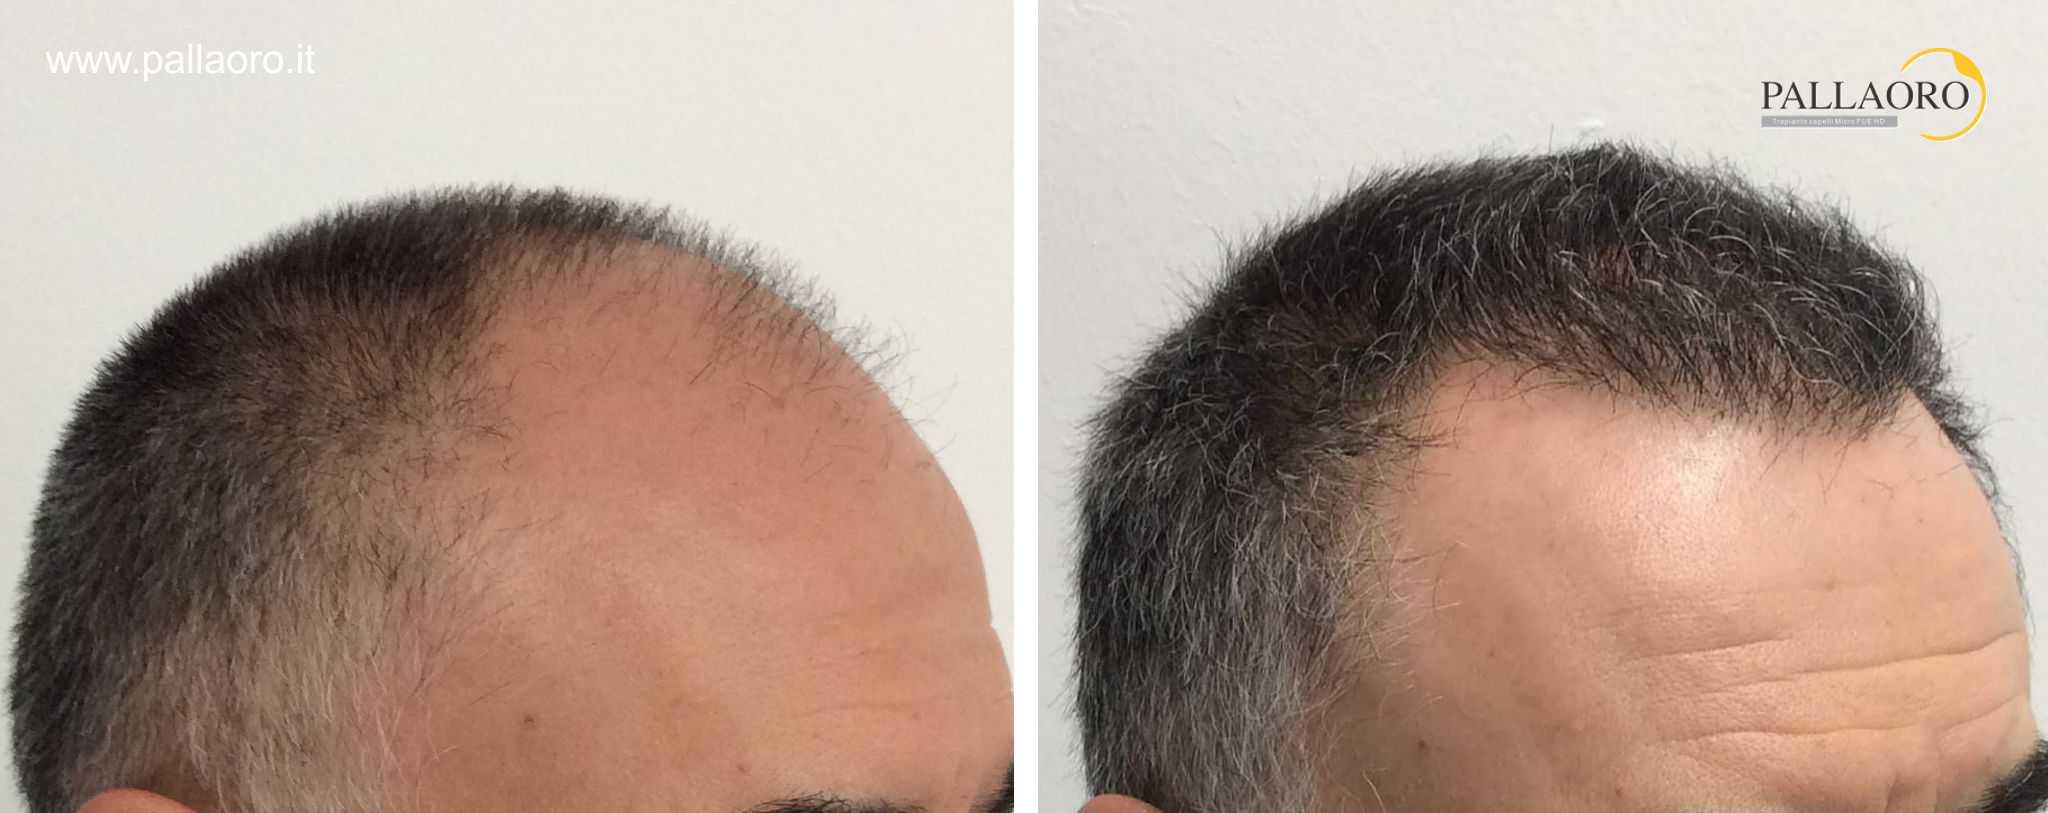 trapianto capelli 01101